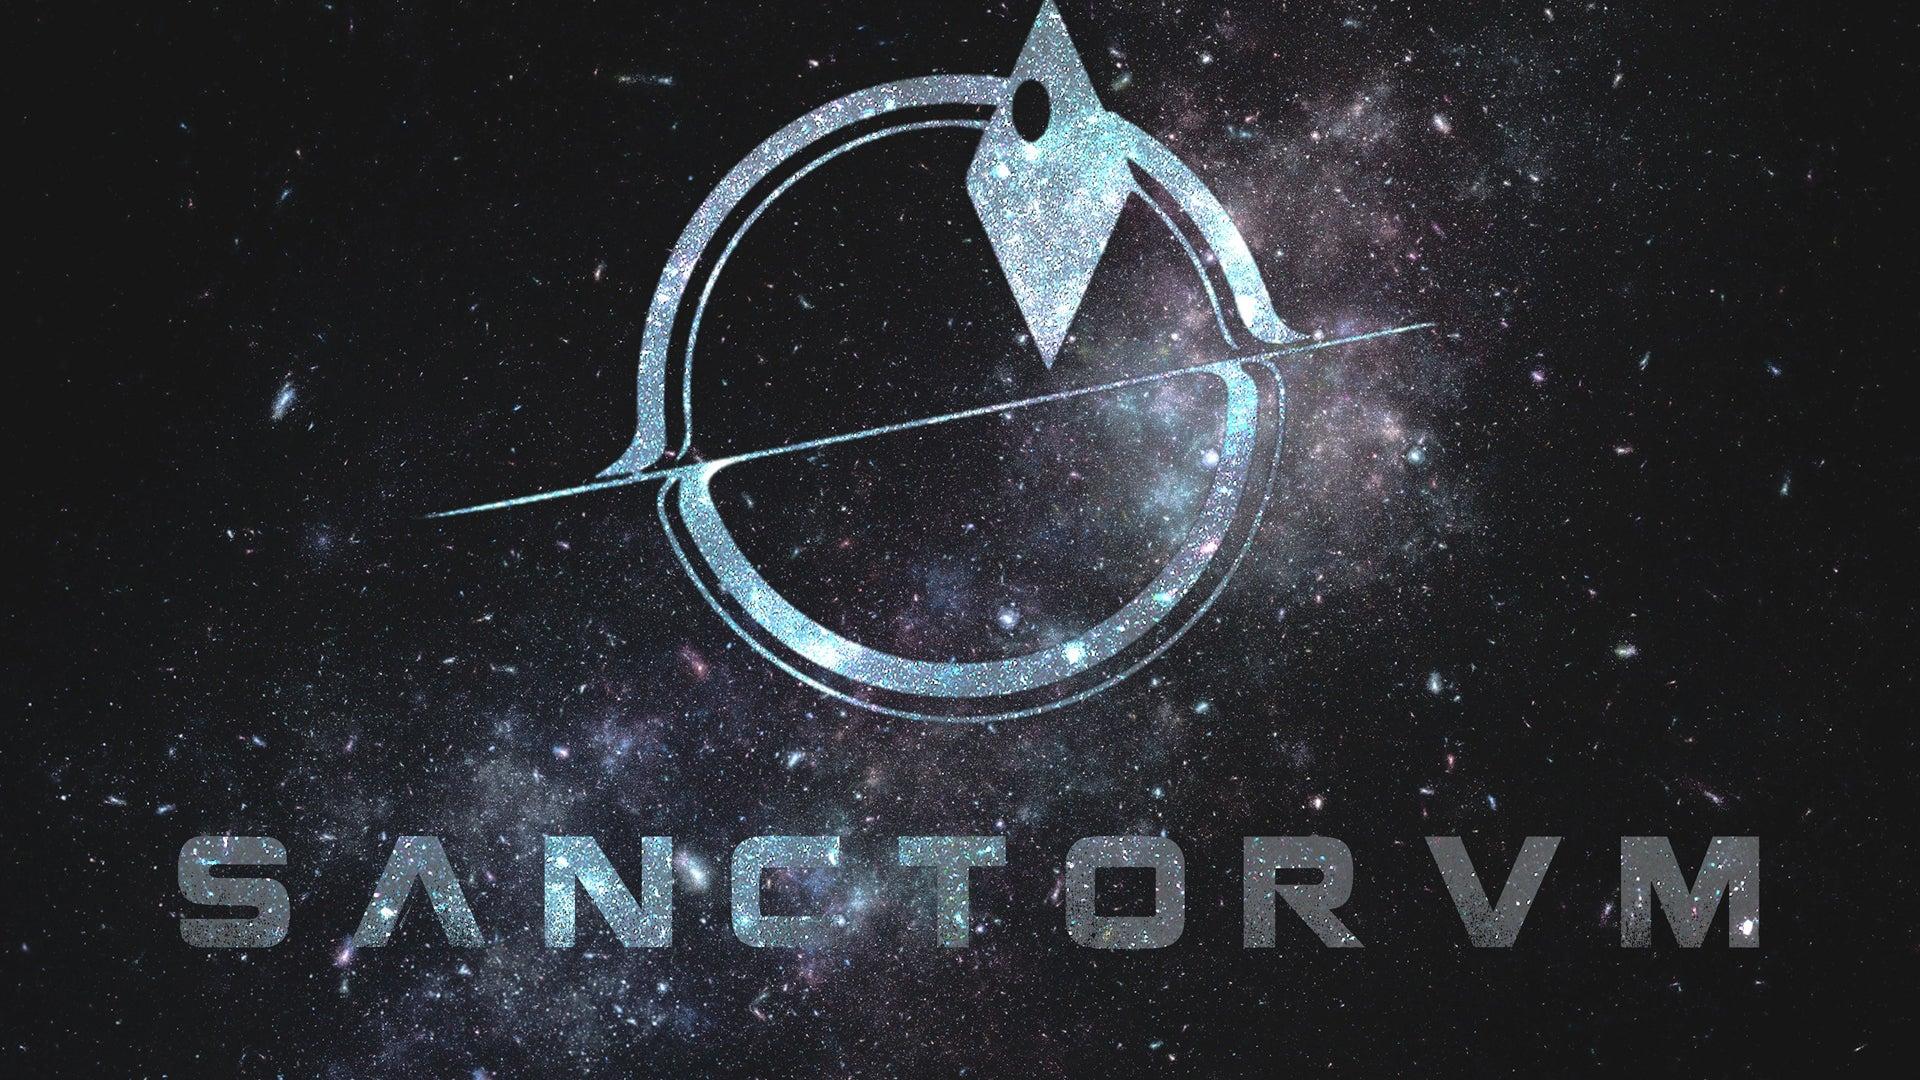 Sanctorvm Board Game artwork